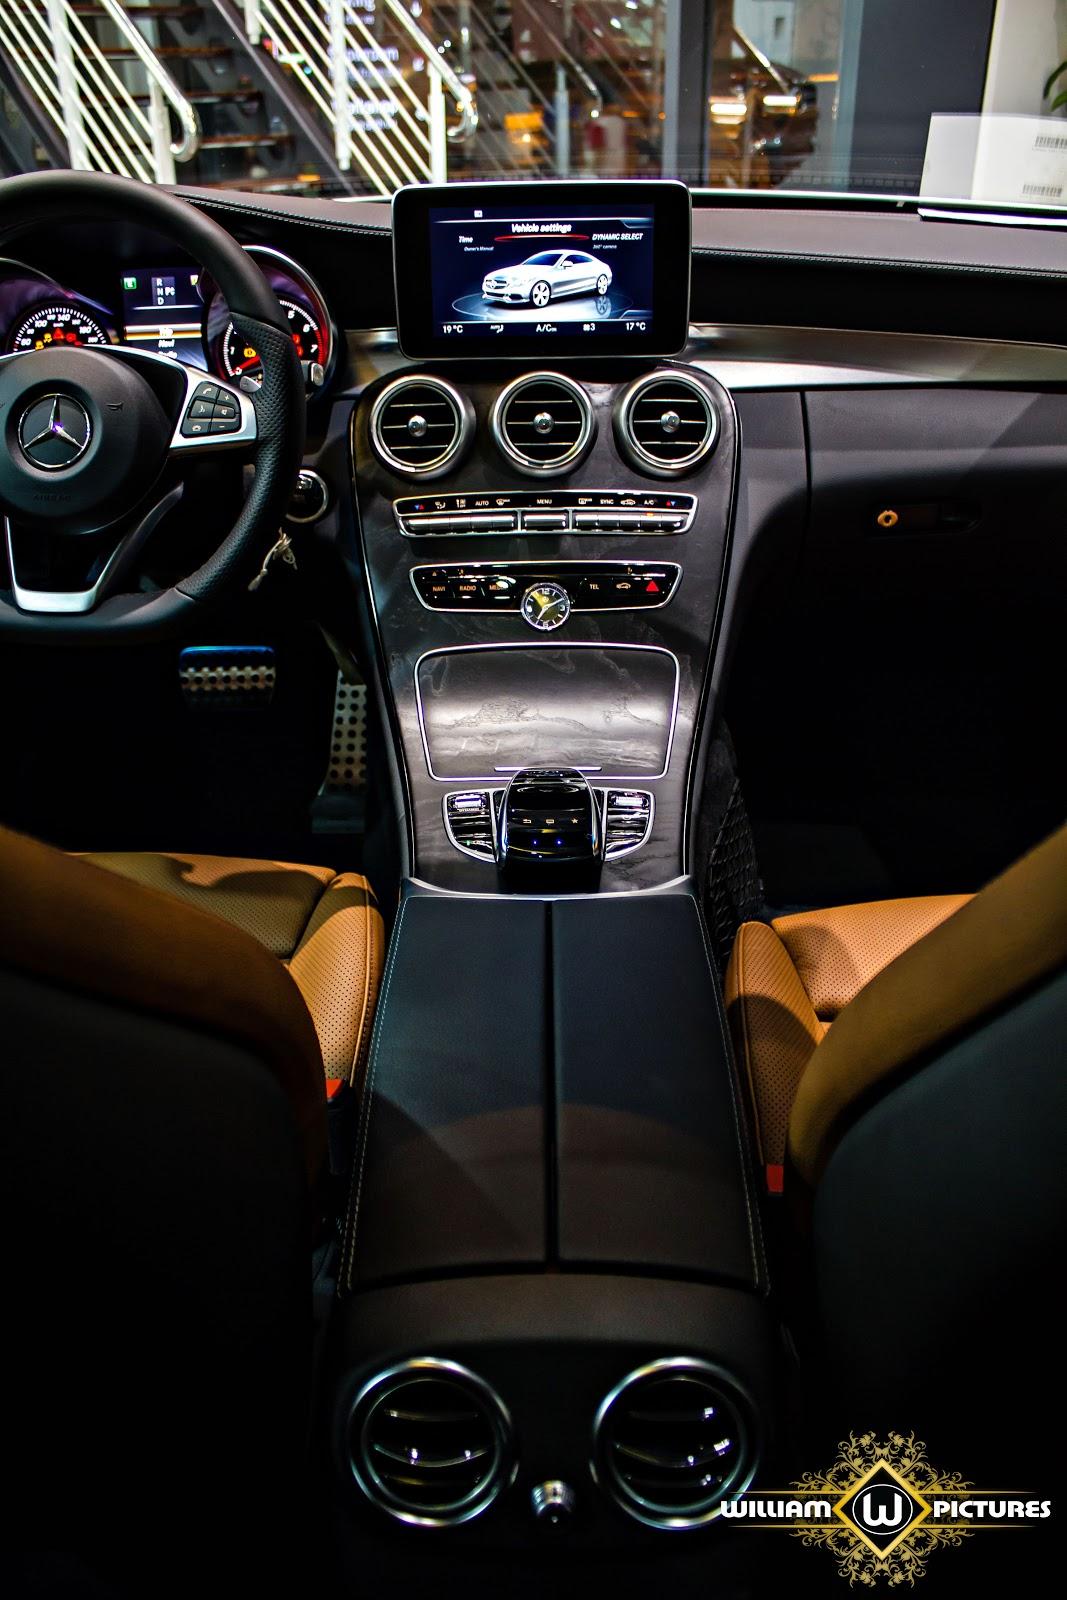 Vị trí ngồi của lái xe khá thấp, mang lại cảm giác thể thao và sự phấn khích cho lái xe